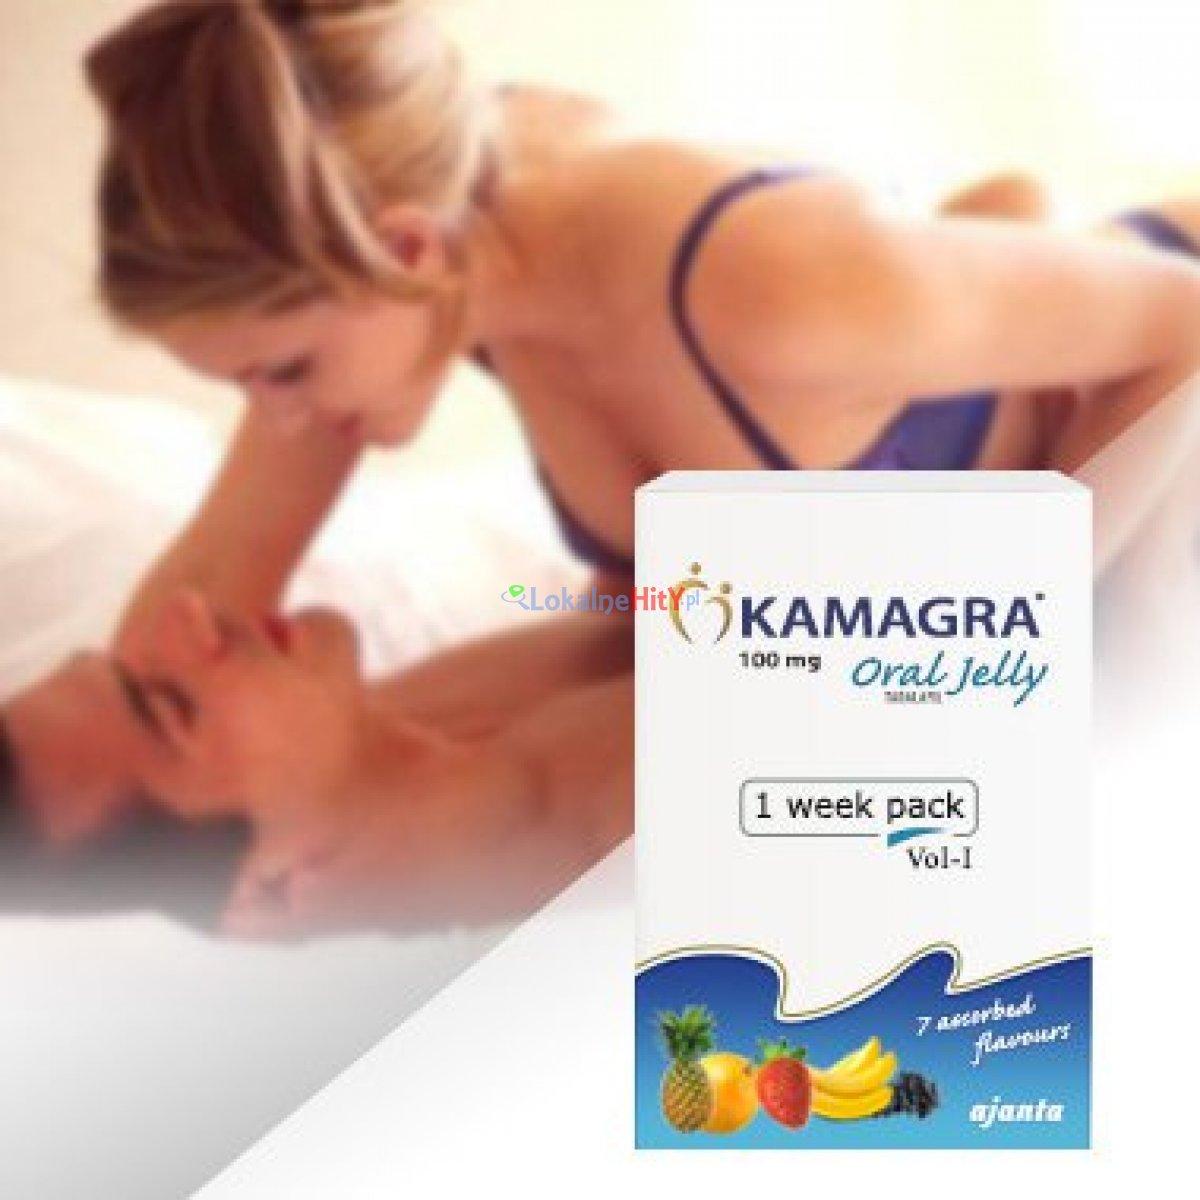 Sprzedam leki na potencje atrakcyjne ceny promocje gratisy Kamagra oraz inne leki 20 produktów od 7 pln za tabletke